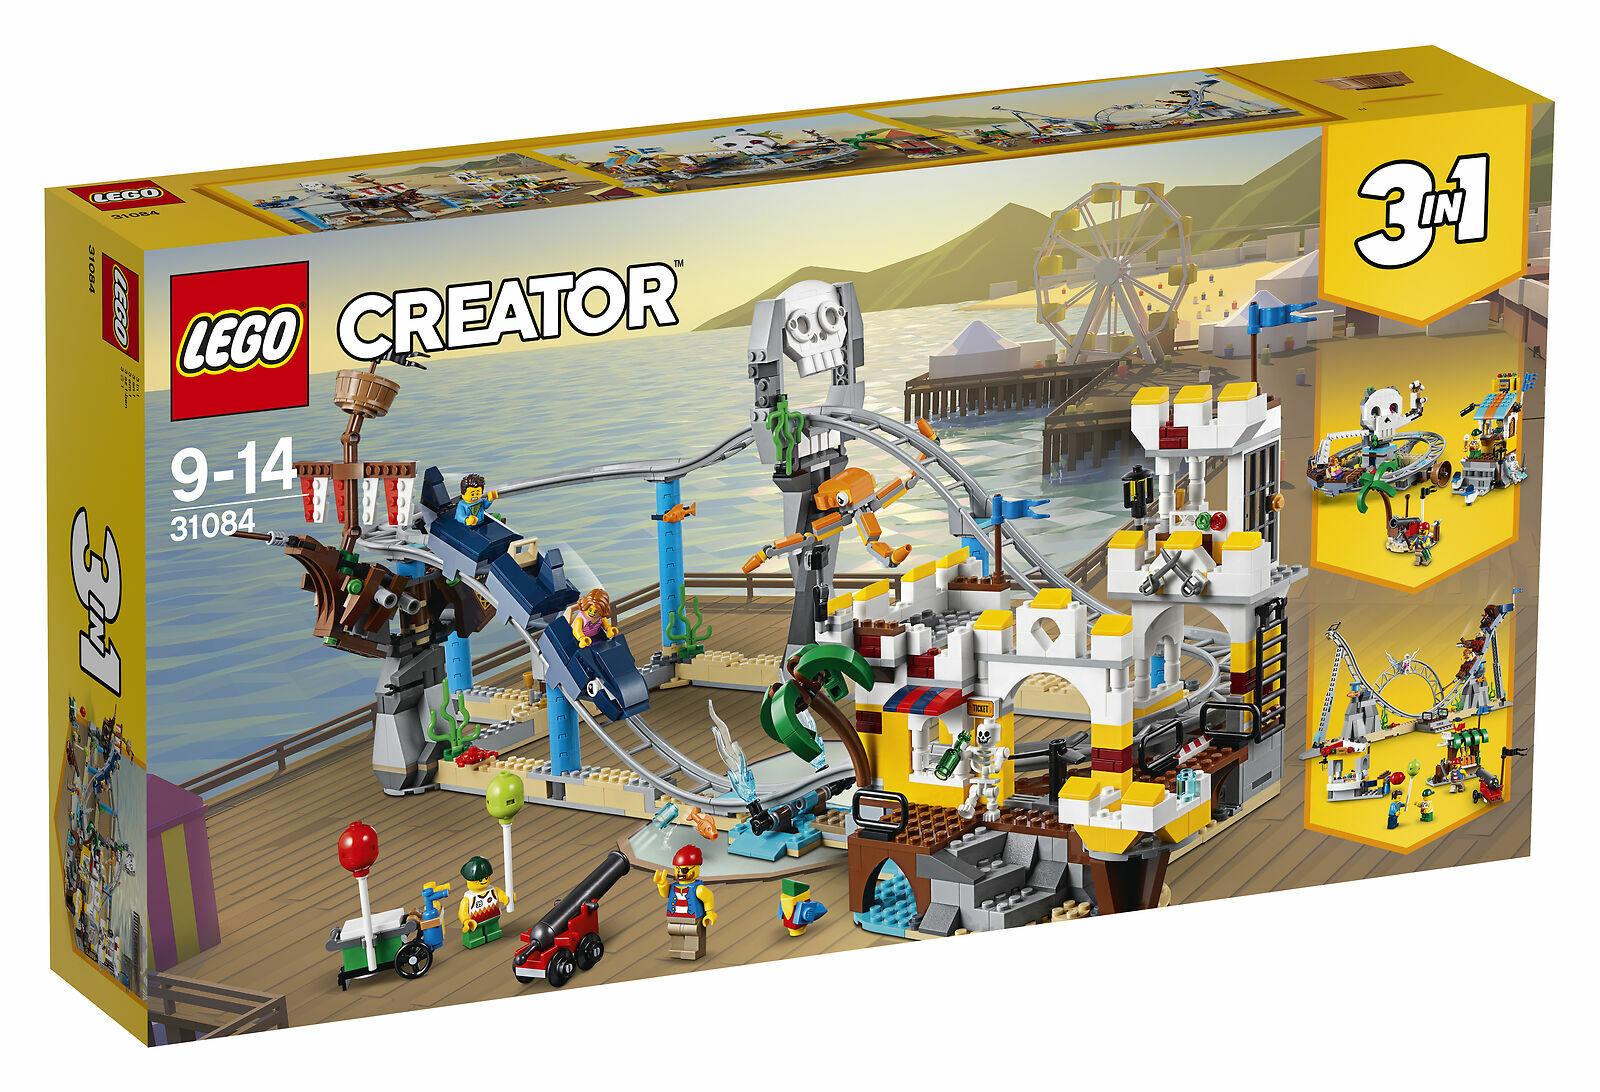 Lego Creator Pirate Roller Coaster (31084)   marche online vendita a basso costo